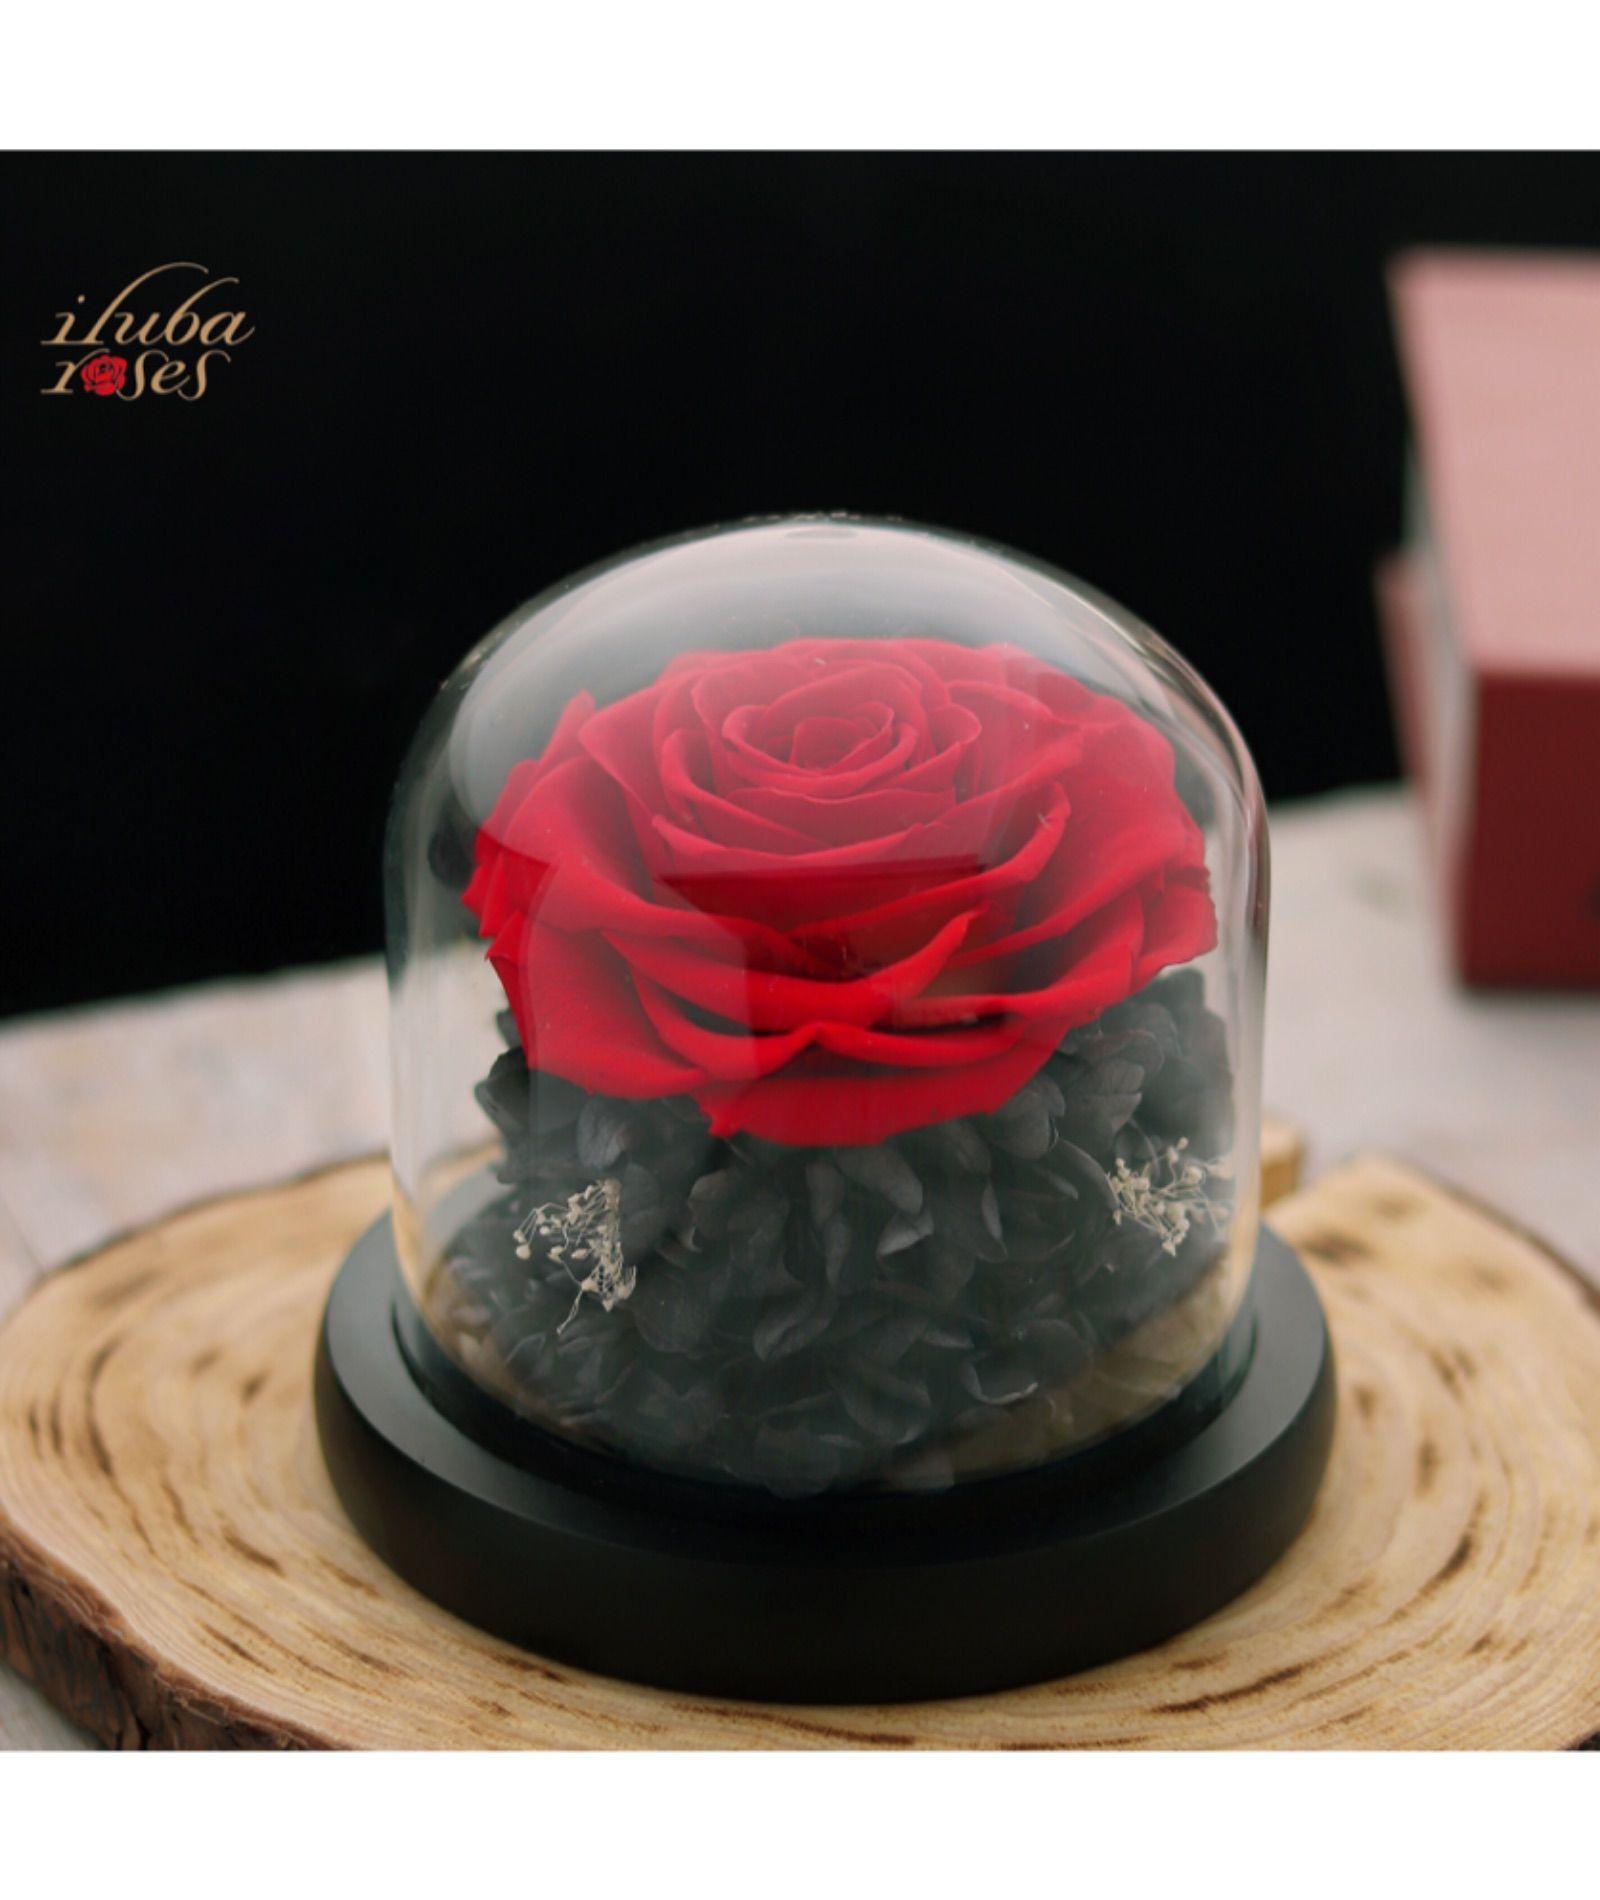 وردة ايلوبا روزز احمر طبيعية دائمة داخل فازة زجاجية Desserts Food Cake